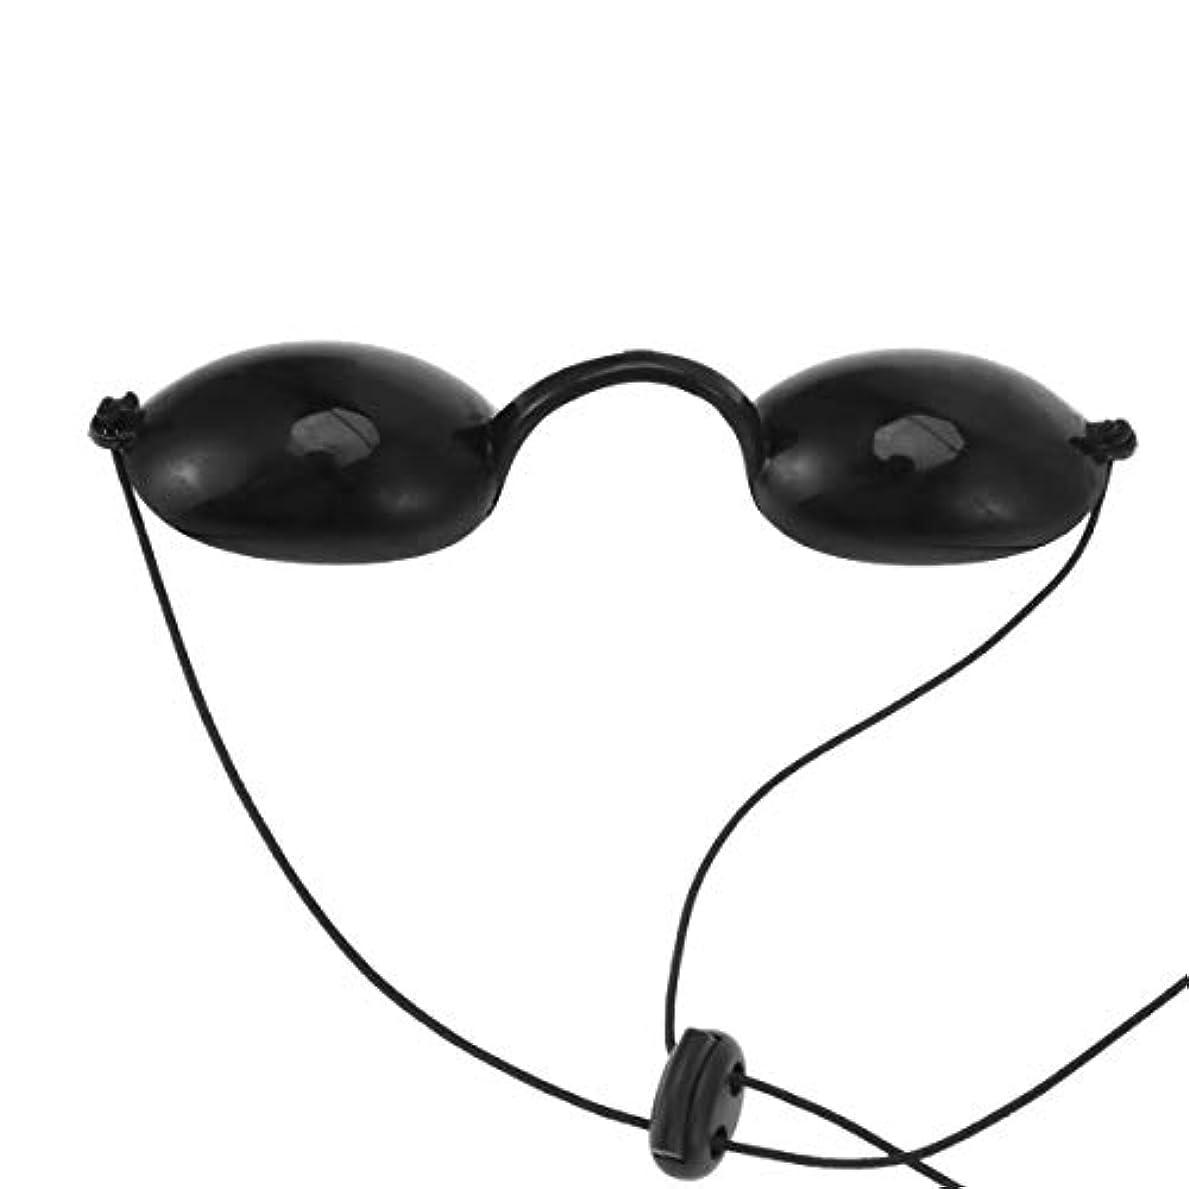 墓詩人従来のHealifty 眼用保護具日焼け止めゴーグル不透明保護メガネアイシールドスペシャル(目黒)